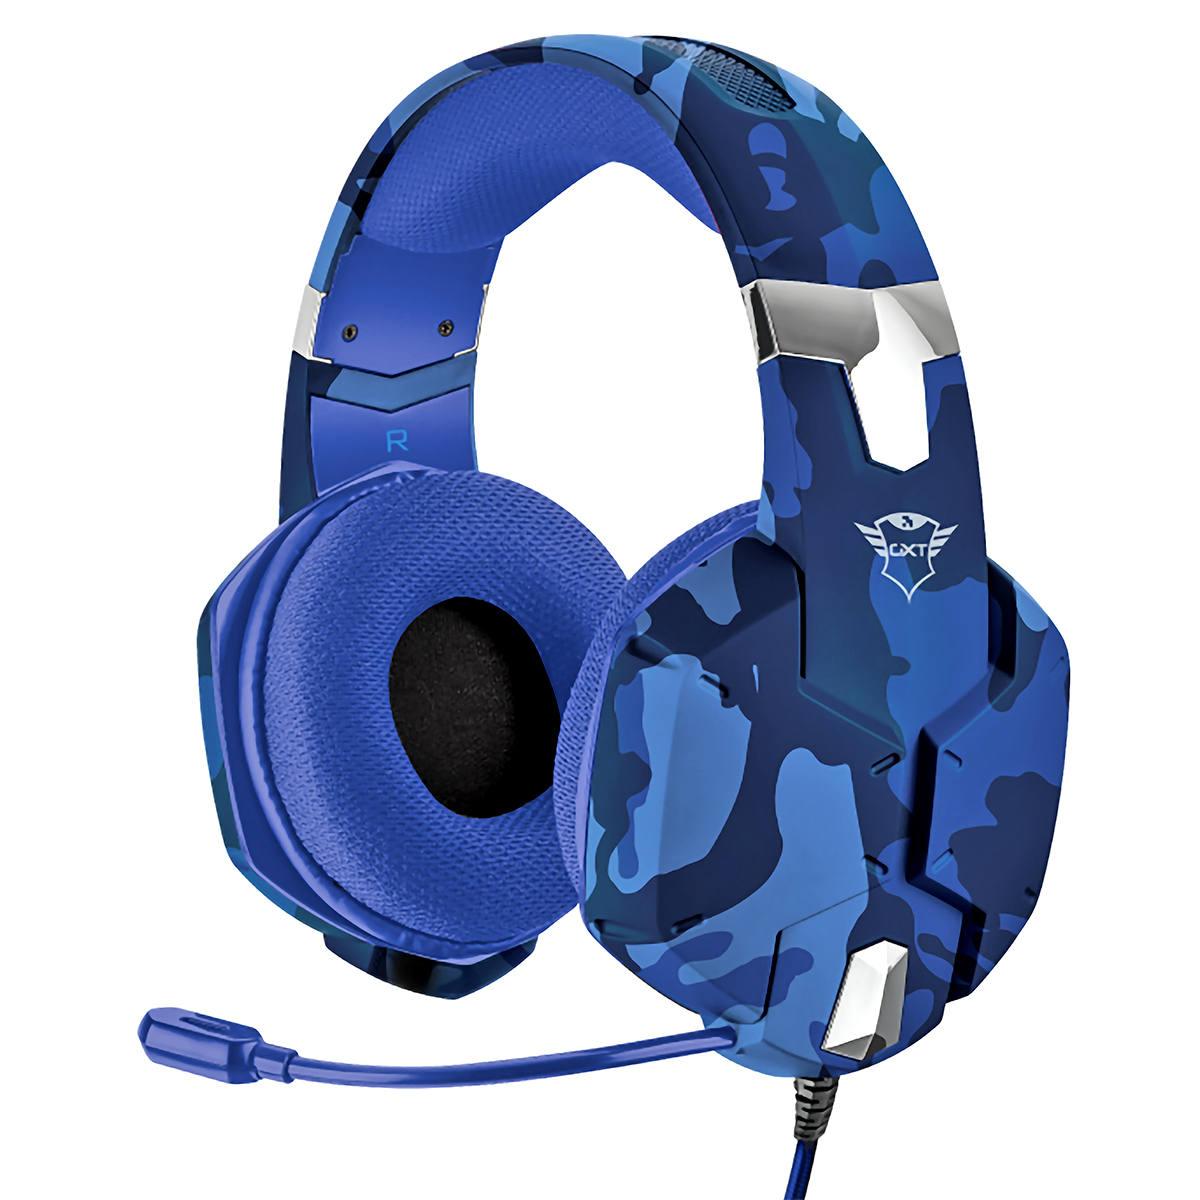 Headset Gamer Carus para PC PS4 PS5 Alta Qualidade com Graves Poderosos Trust GXT 322B Azul Camuflado